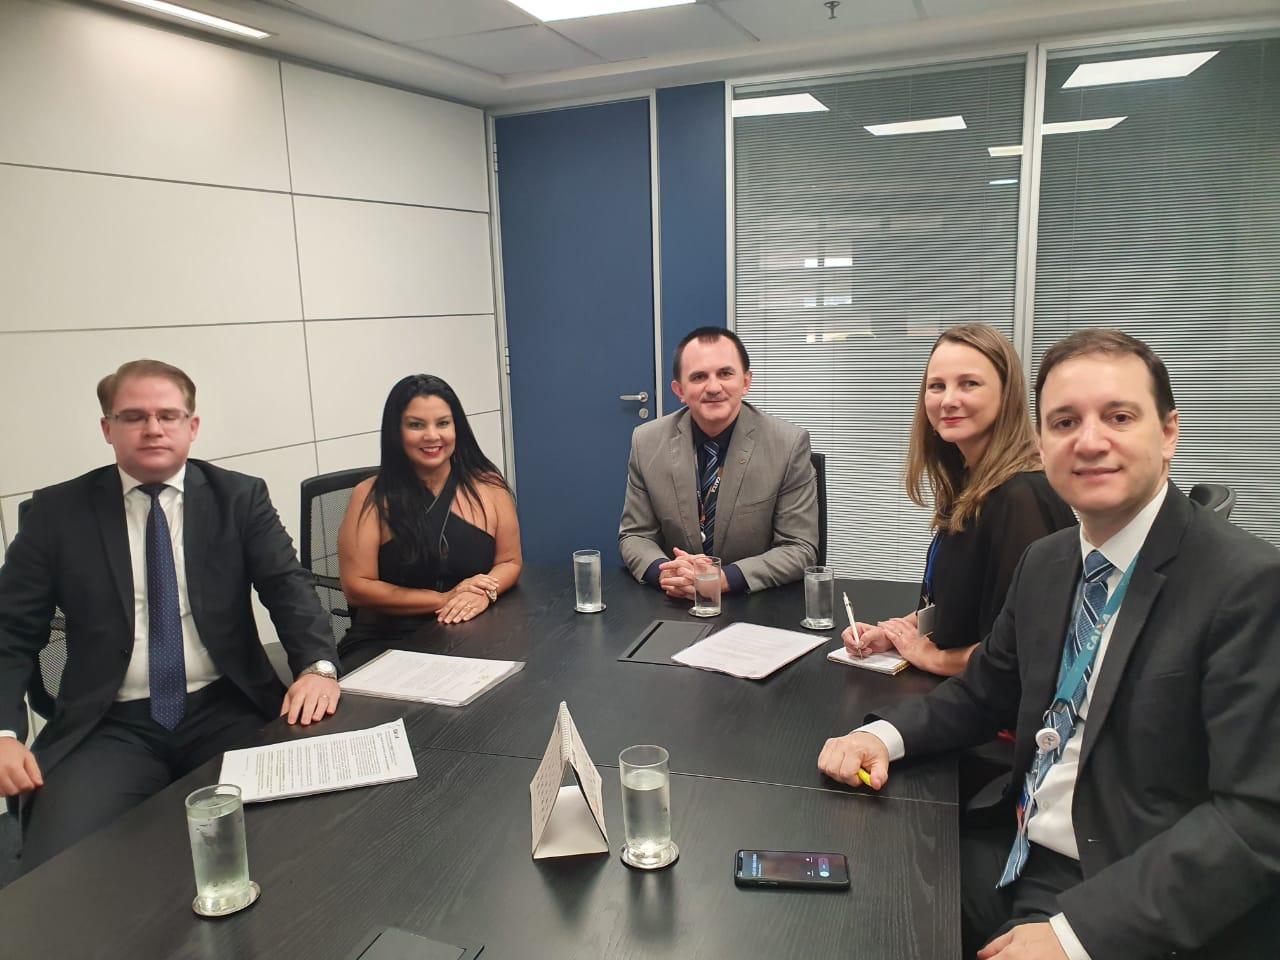 Reunião com a cúpula da Caixa Econômica Federal